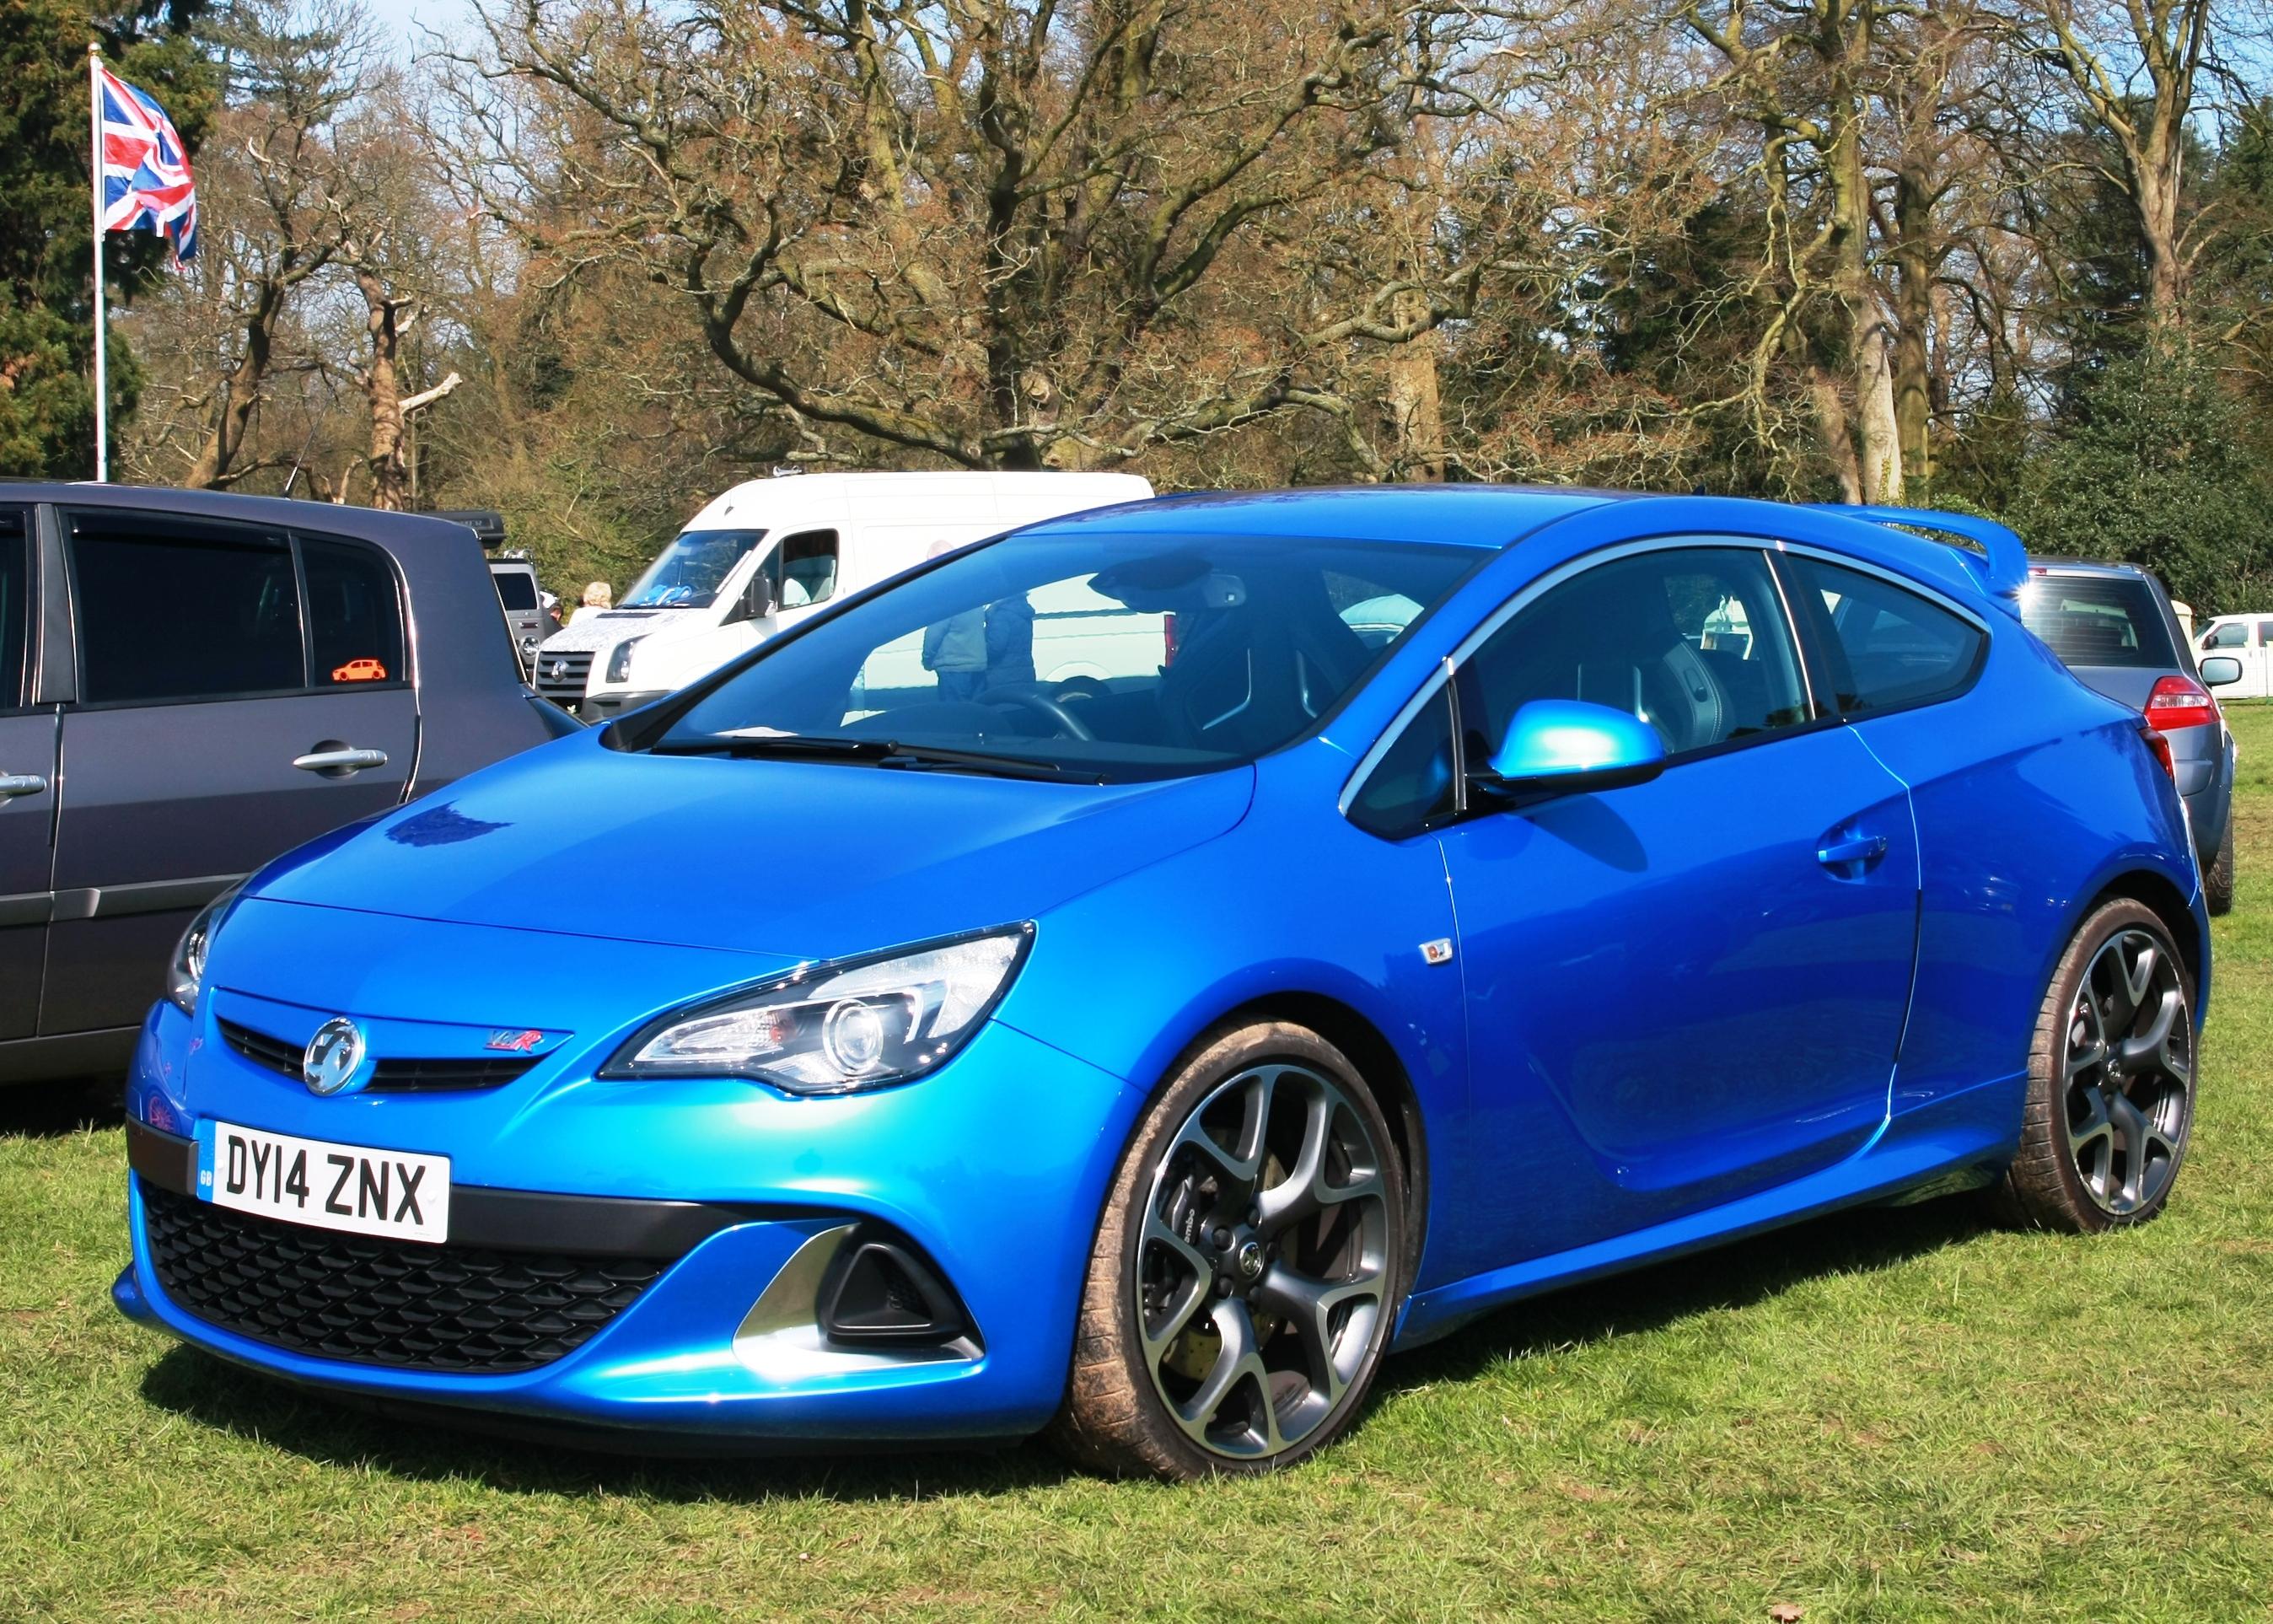 File:Vauxhall Astra VXR (GTC) 3-door hatchback 2-litre turbo & File:Vauxhall Astra VXR (GTC) 3-door hatchback 2-litre turbo ... Pezcame.Com